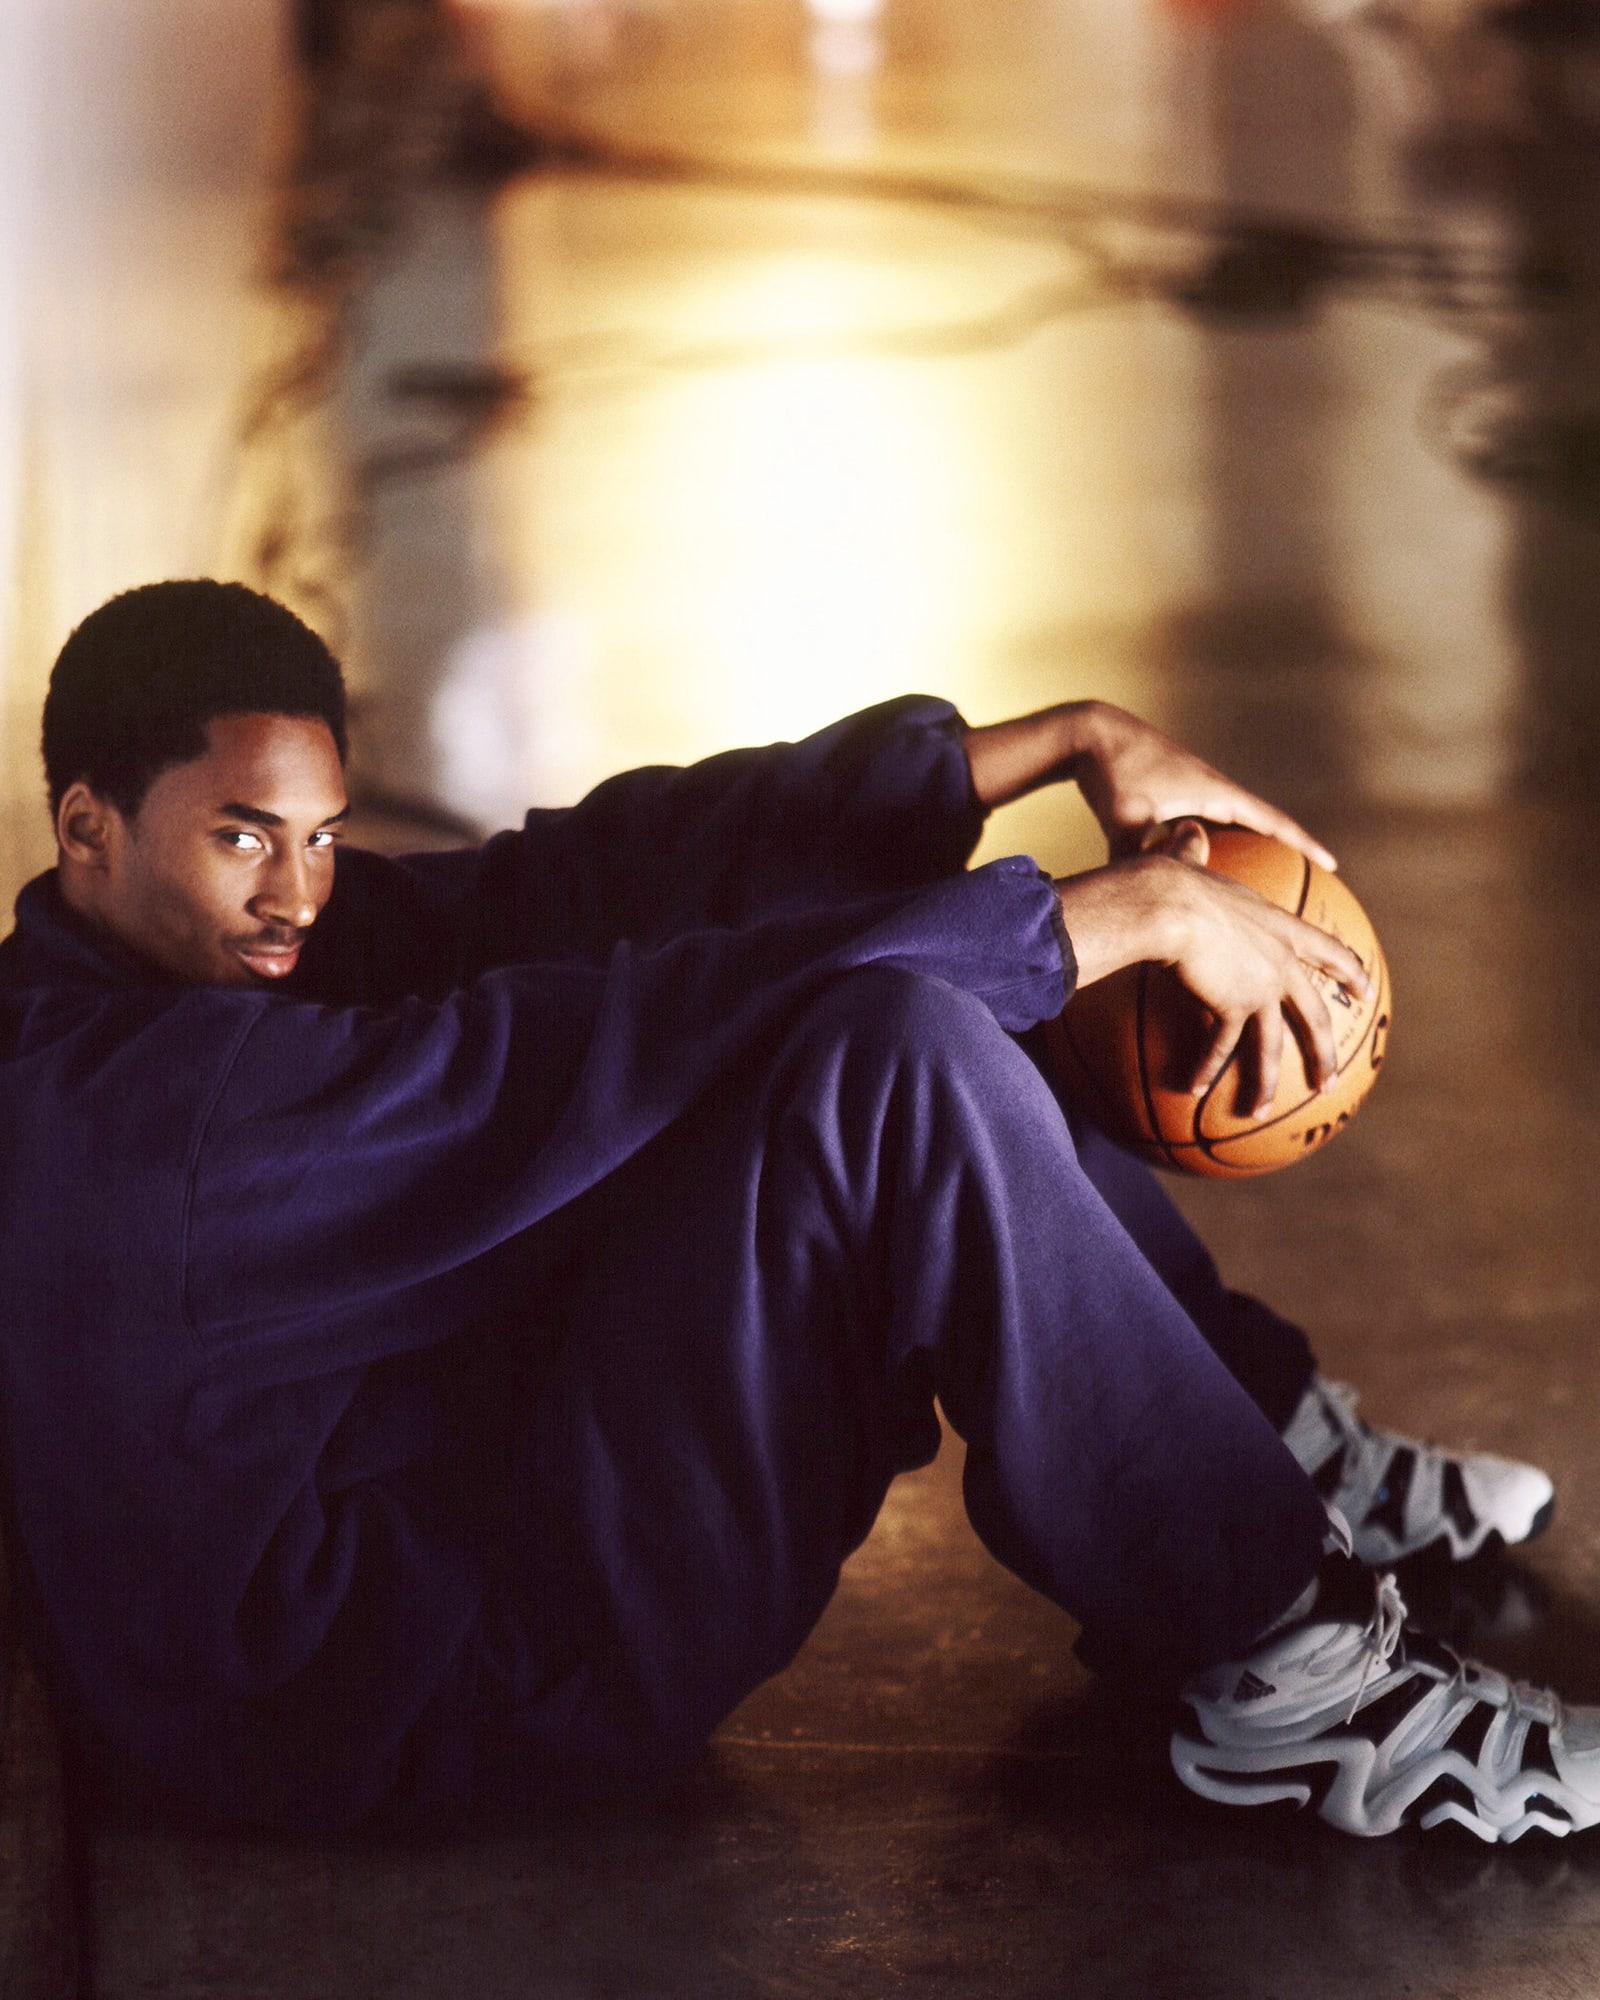 بیوگرافی کوبی برایانت عکس های صحنه درگذشت اسطوره بسکتبالیست nba